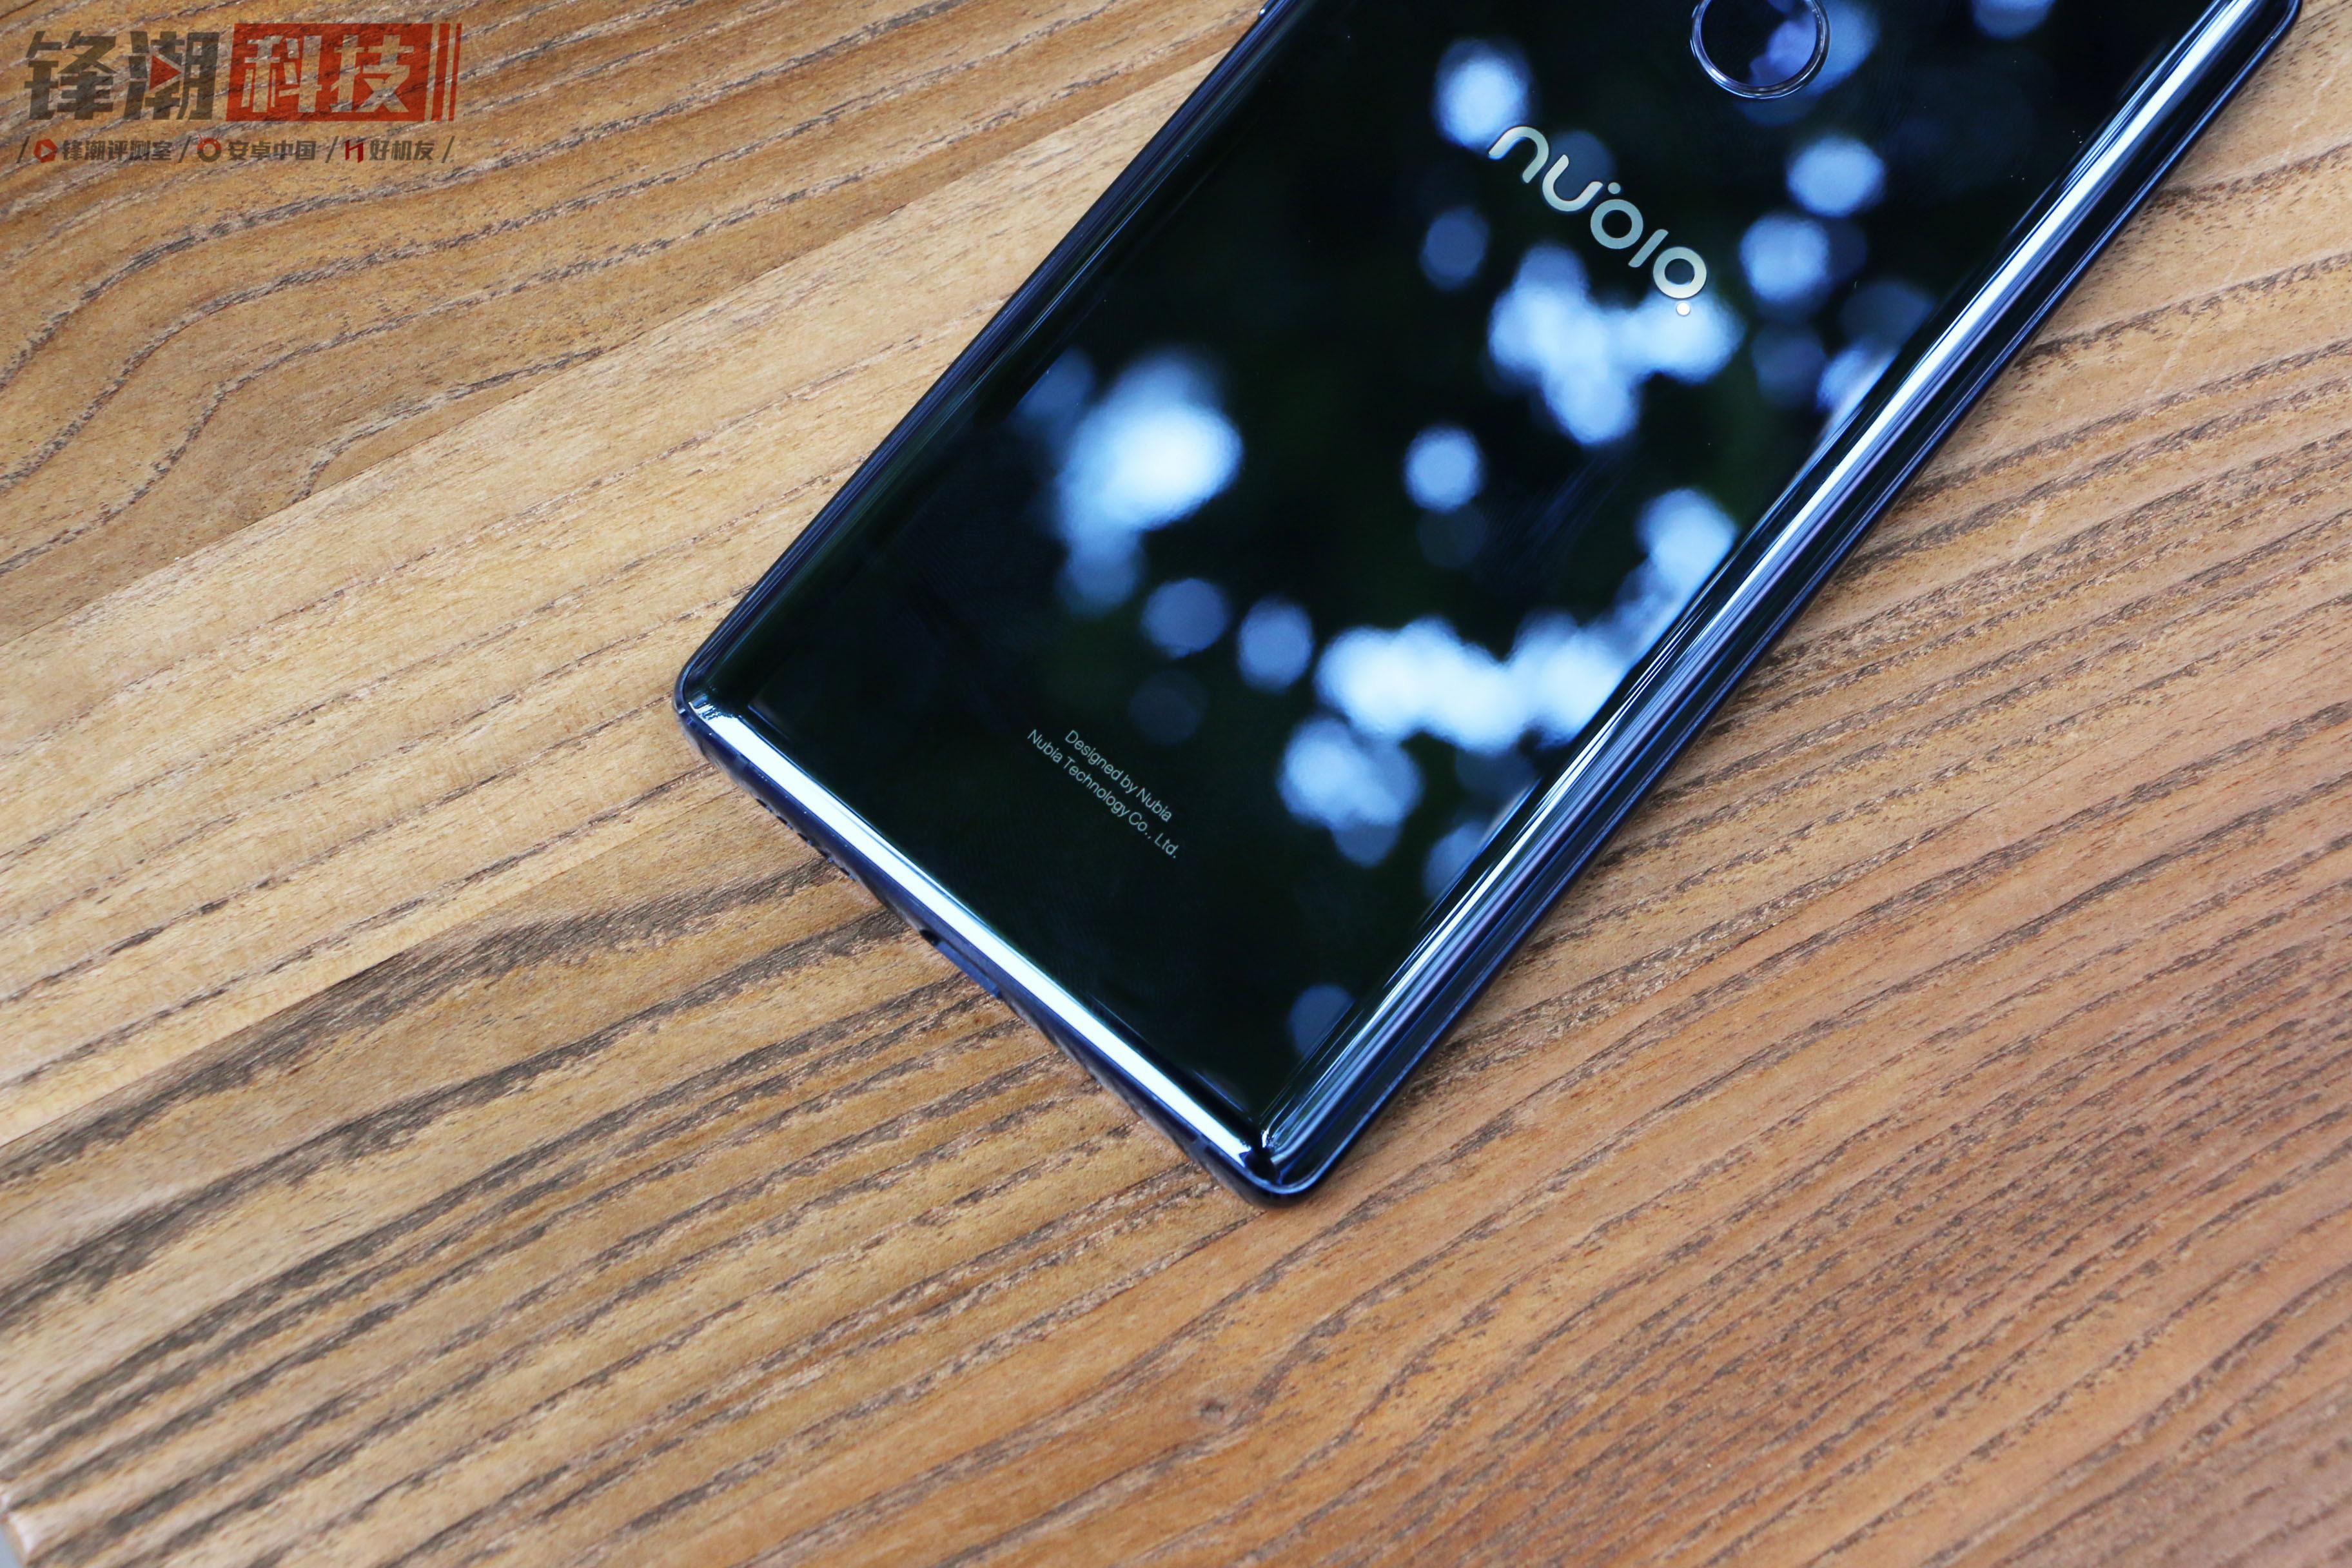 【力皮西】努比亚Z17S详细评测:绝不止是你以为的全面屏手机